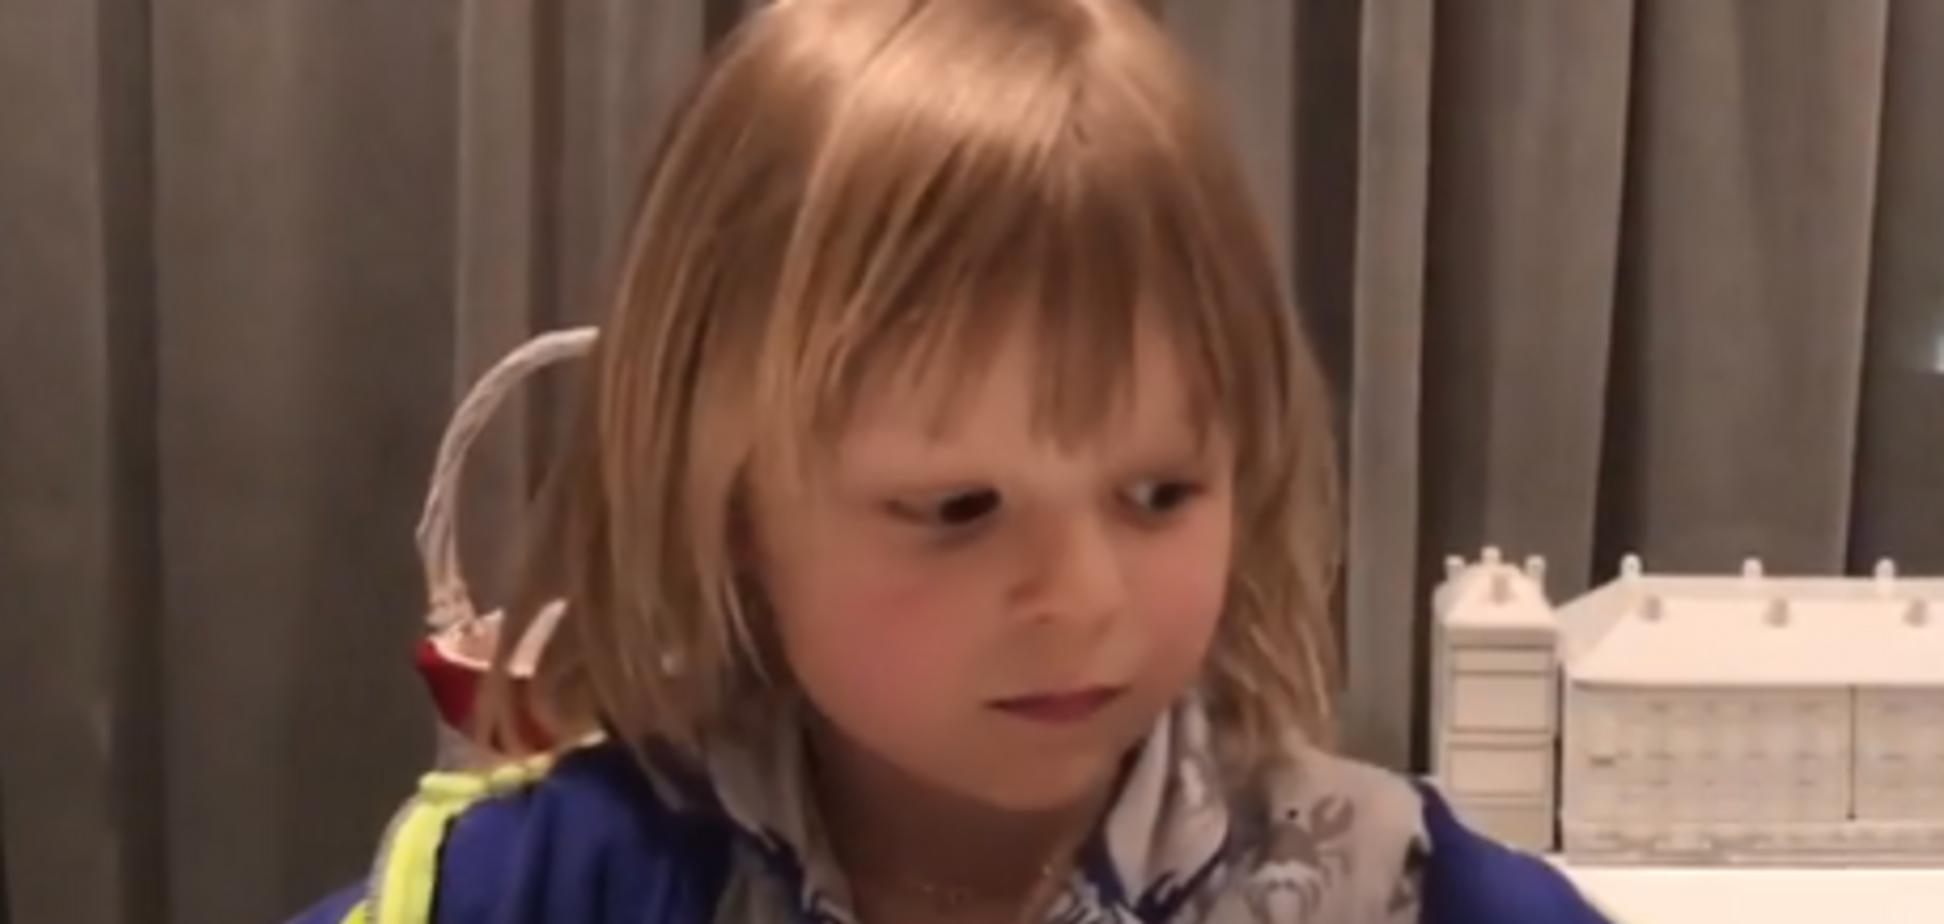 'Меня никто не спасет': 5-летний сын Рудковской рассказал о насилии в семье